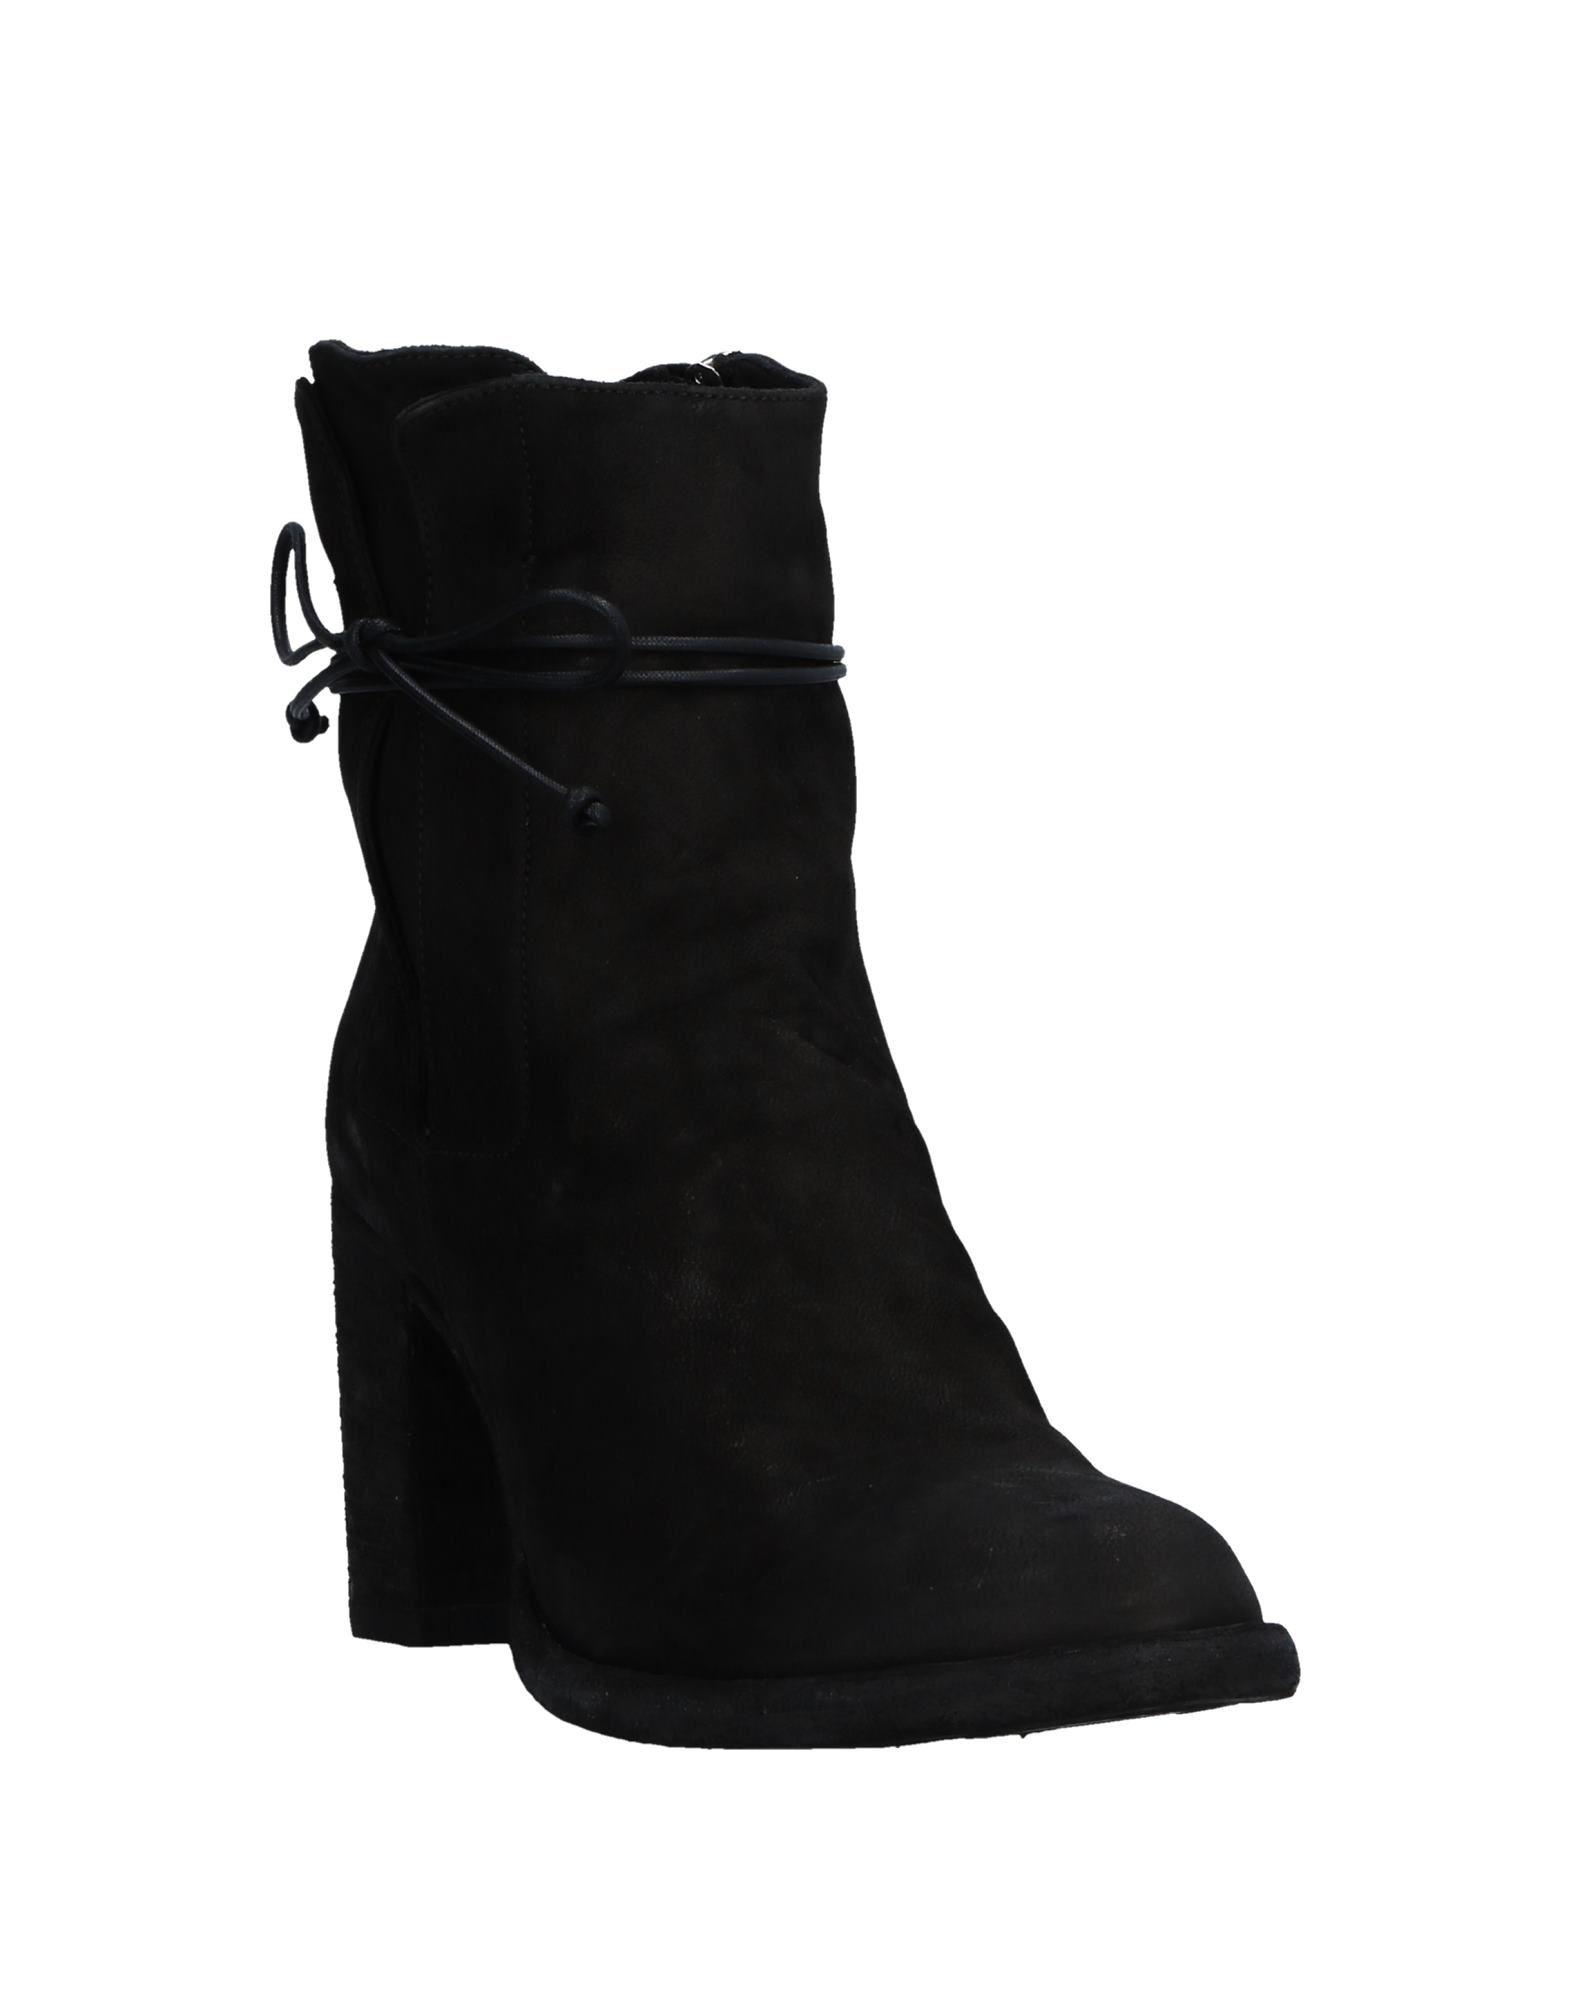 Officine Creative Italia Stiefelette Damen Schuhe  11517185QEGünstige gut aussehende Schuhe Damen af540c